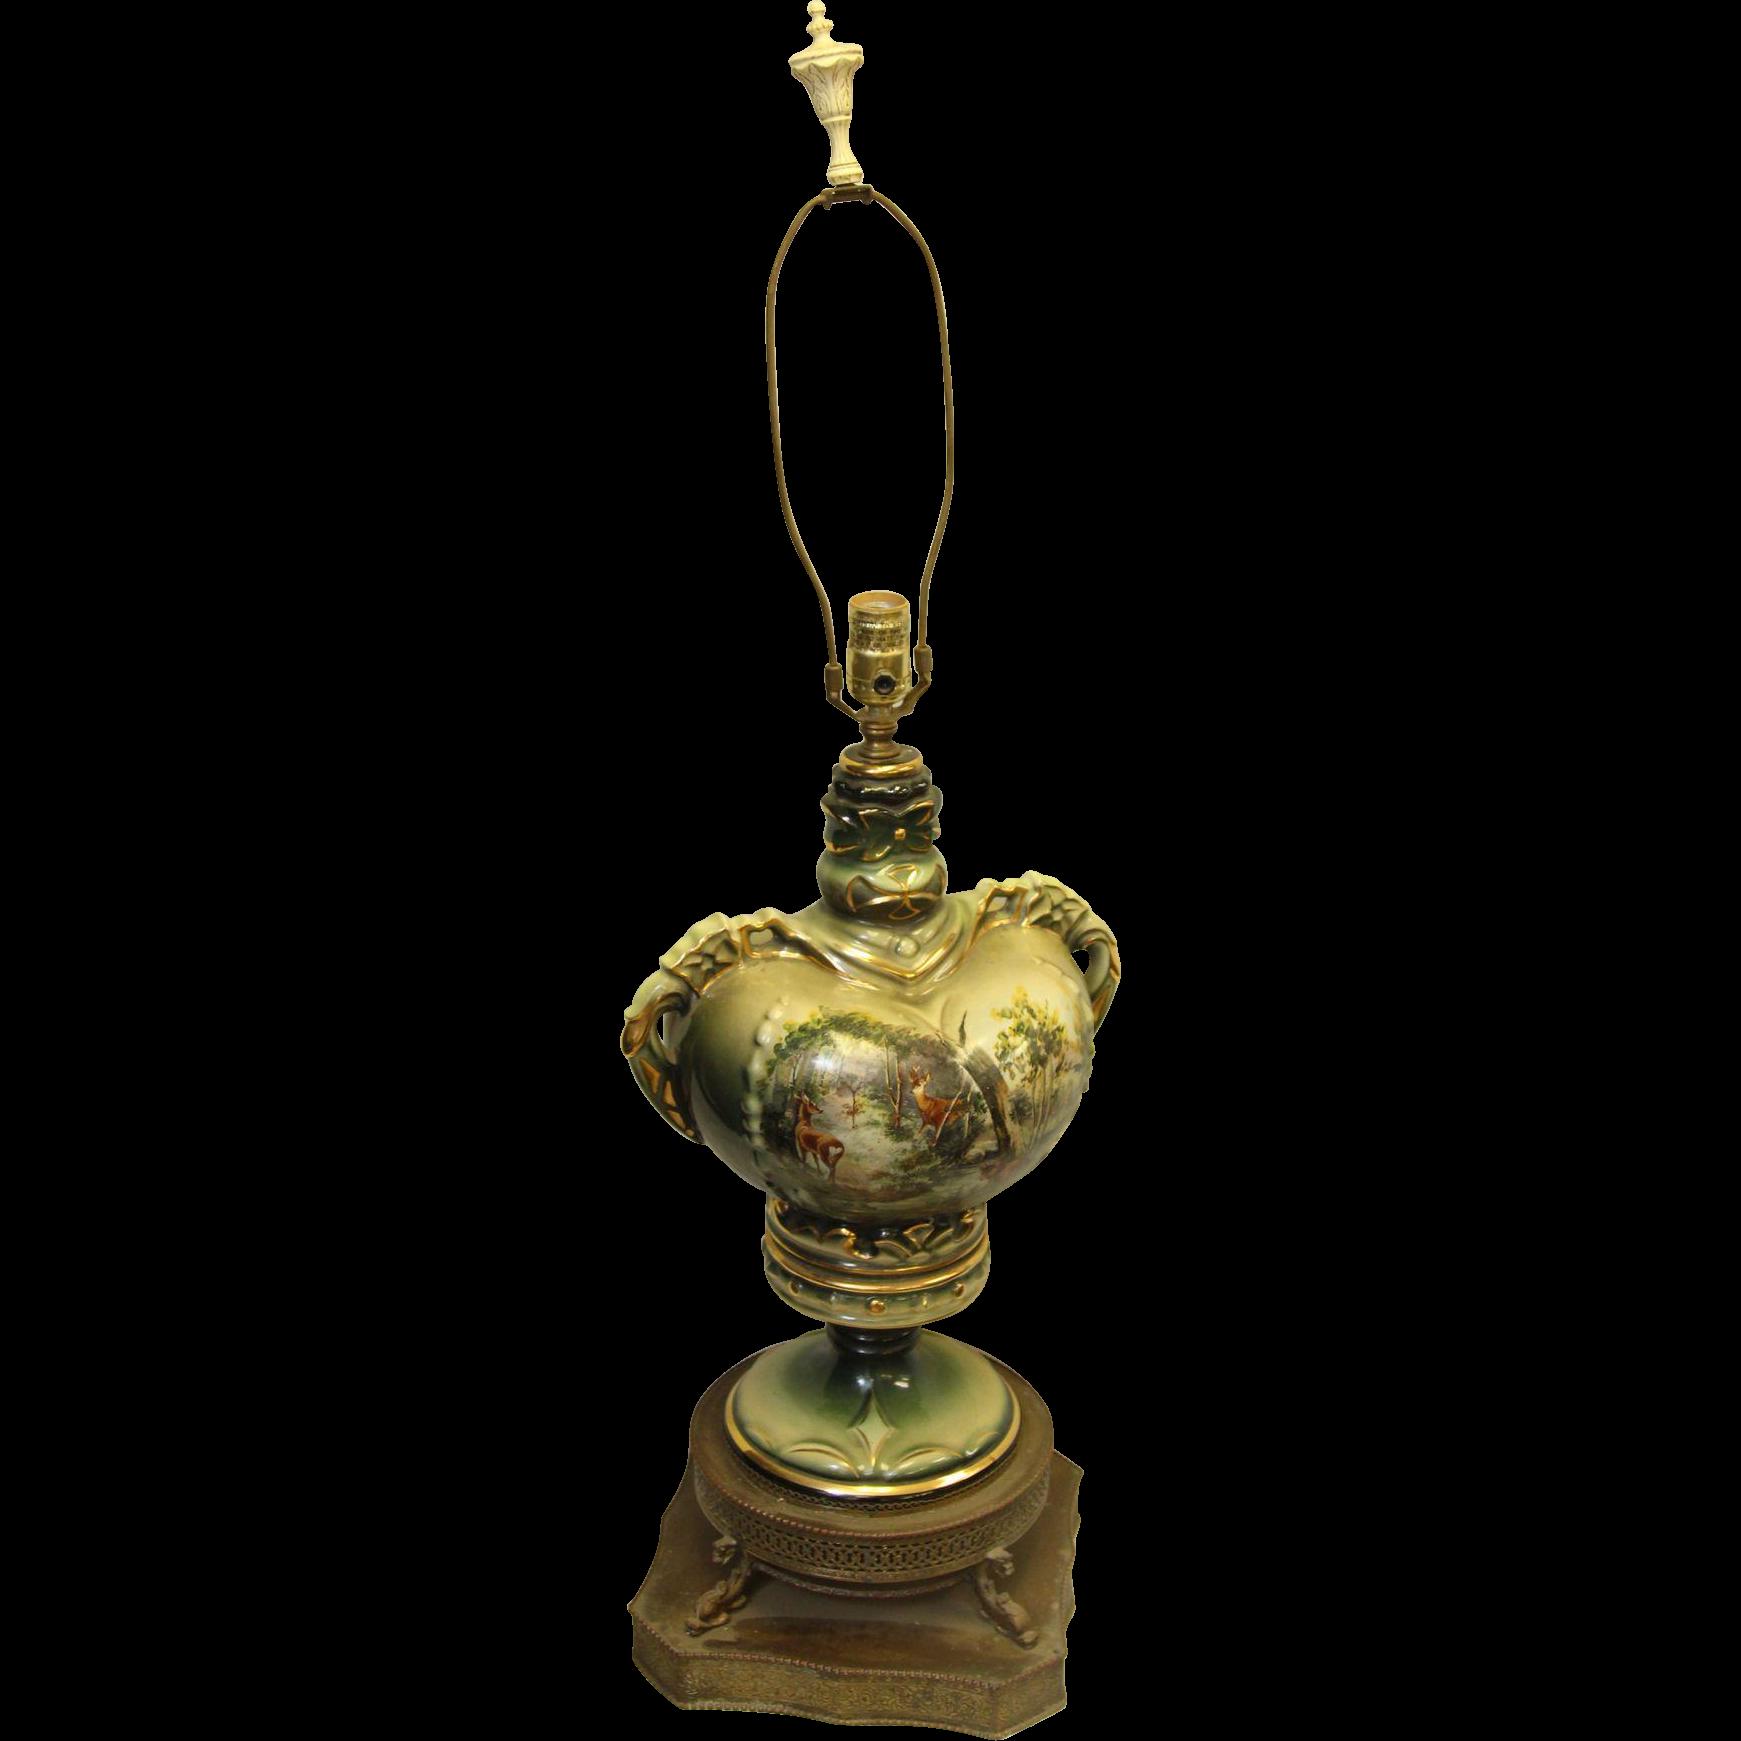 Ceramic ornate scenic deer lamp